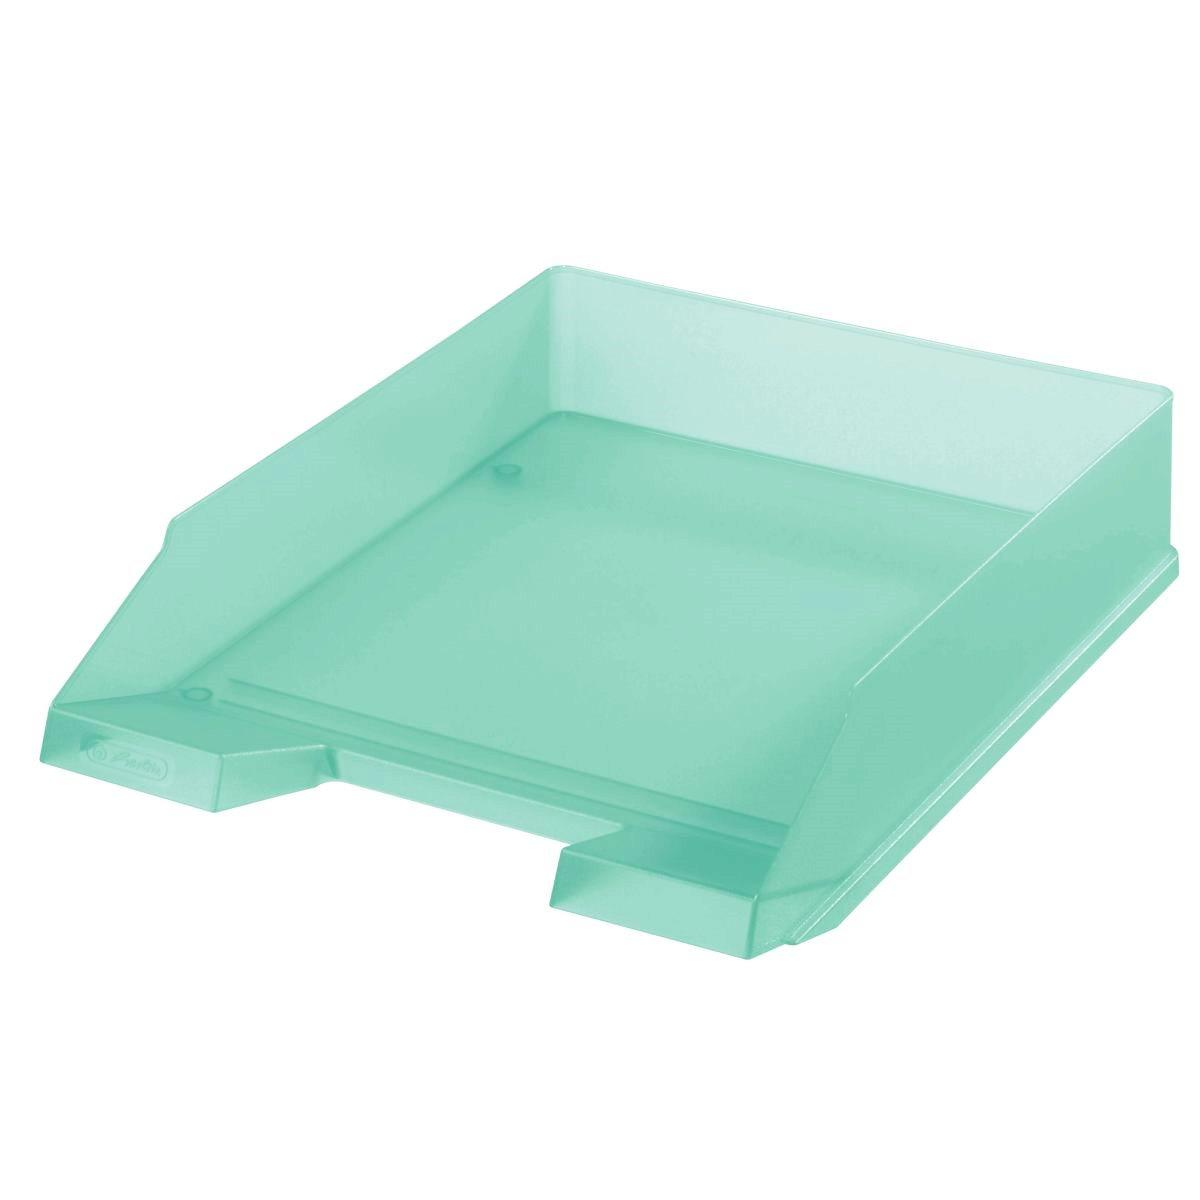 Лоток для бумаг горизонтальный Herlitz Pastel Mint прозрачный мятный